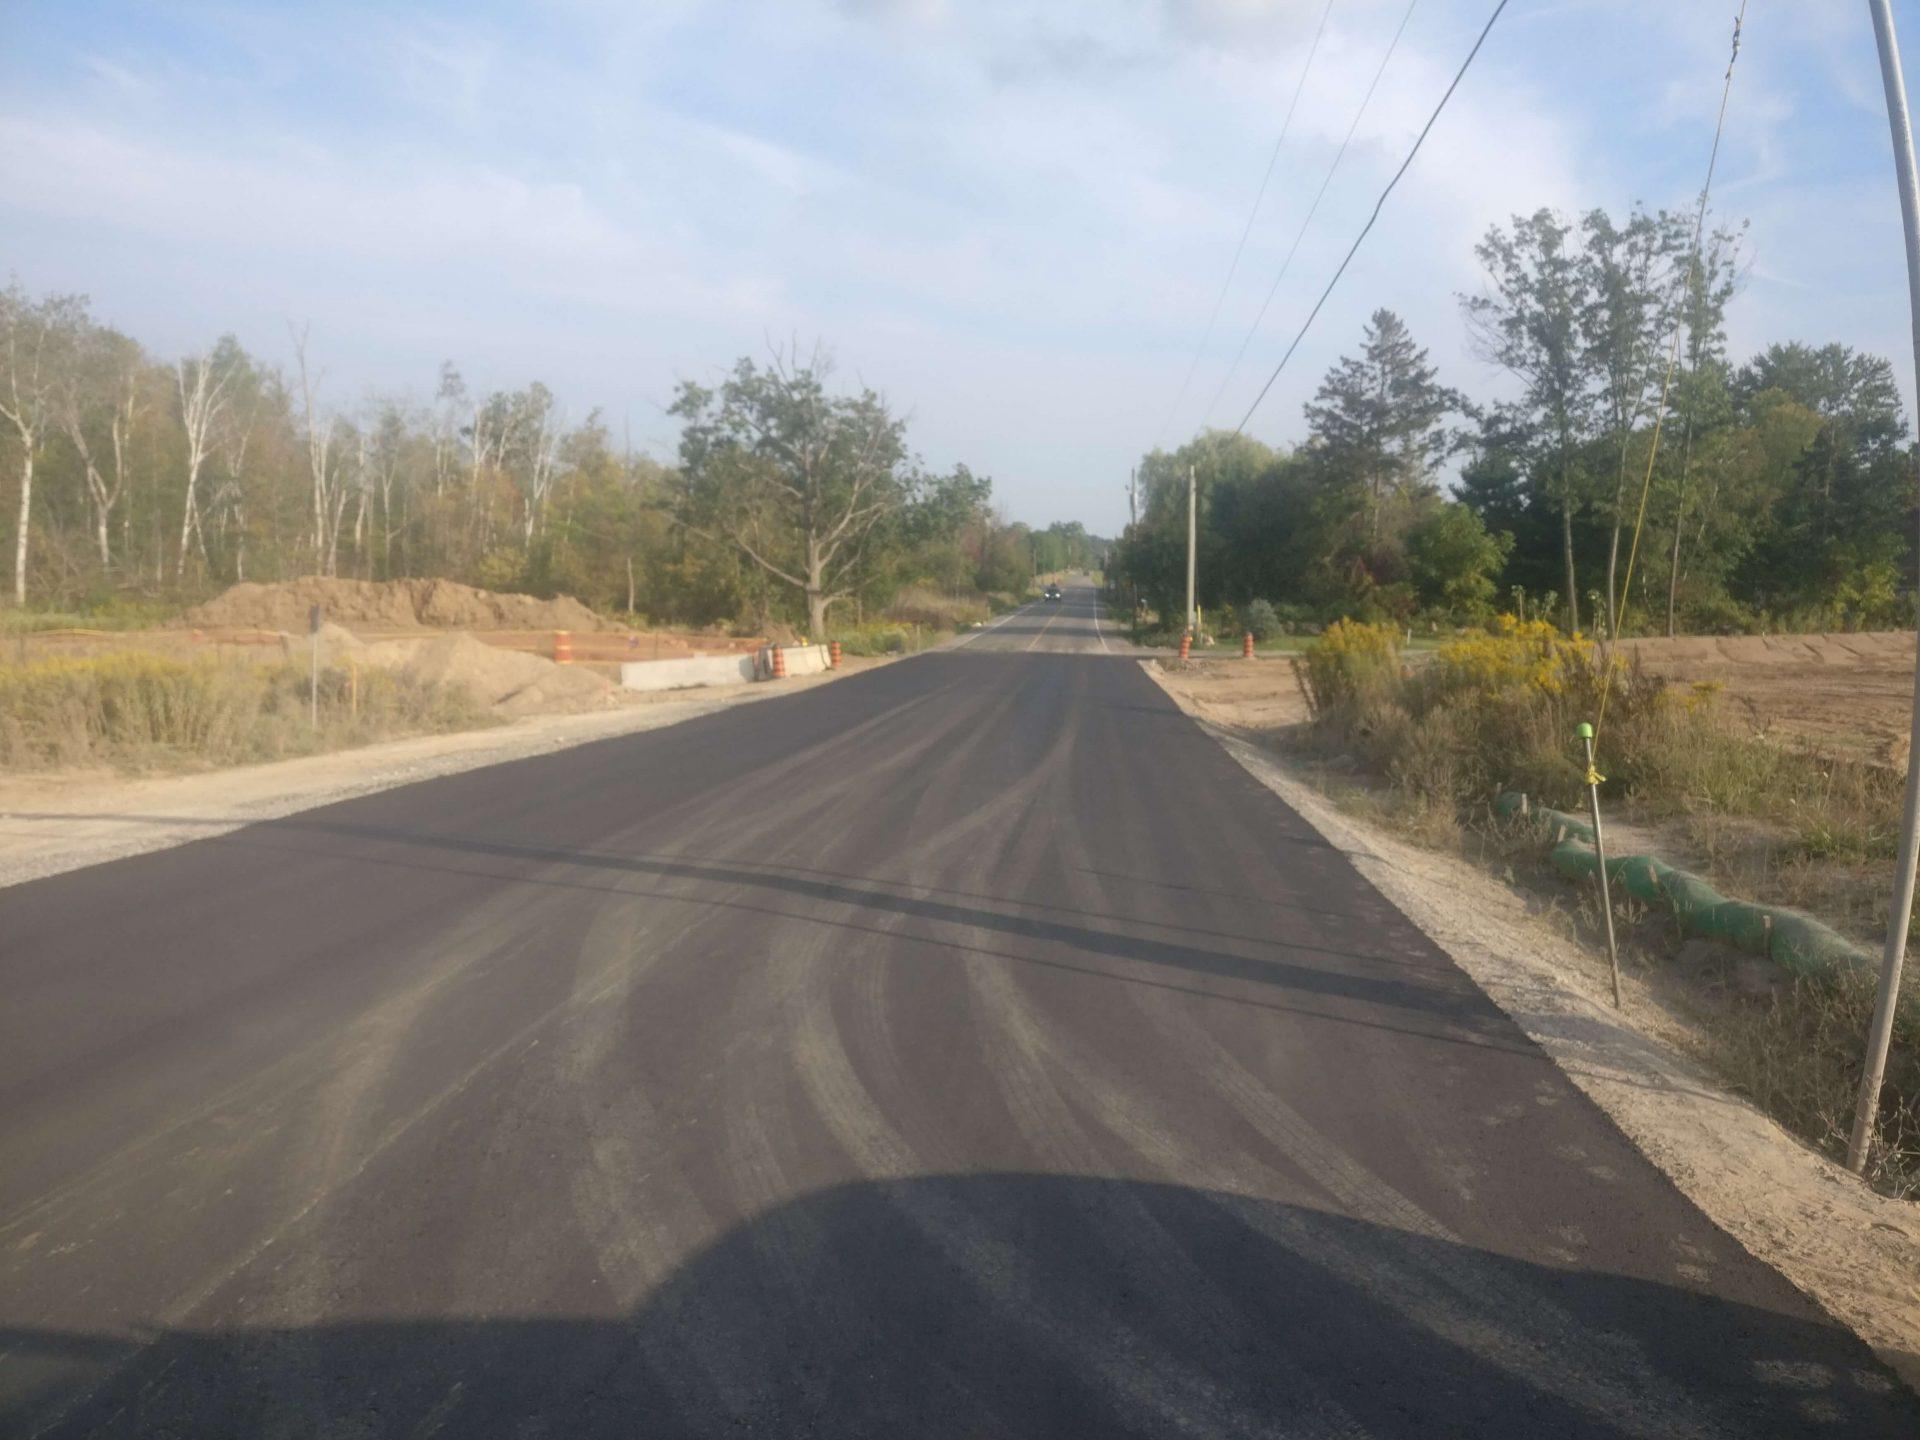 Country road repaving